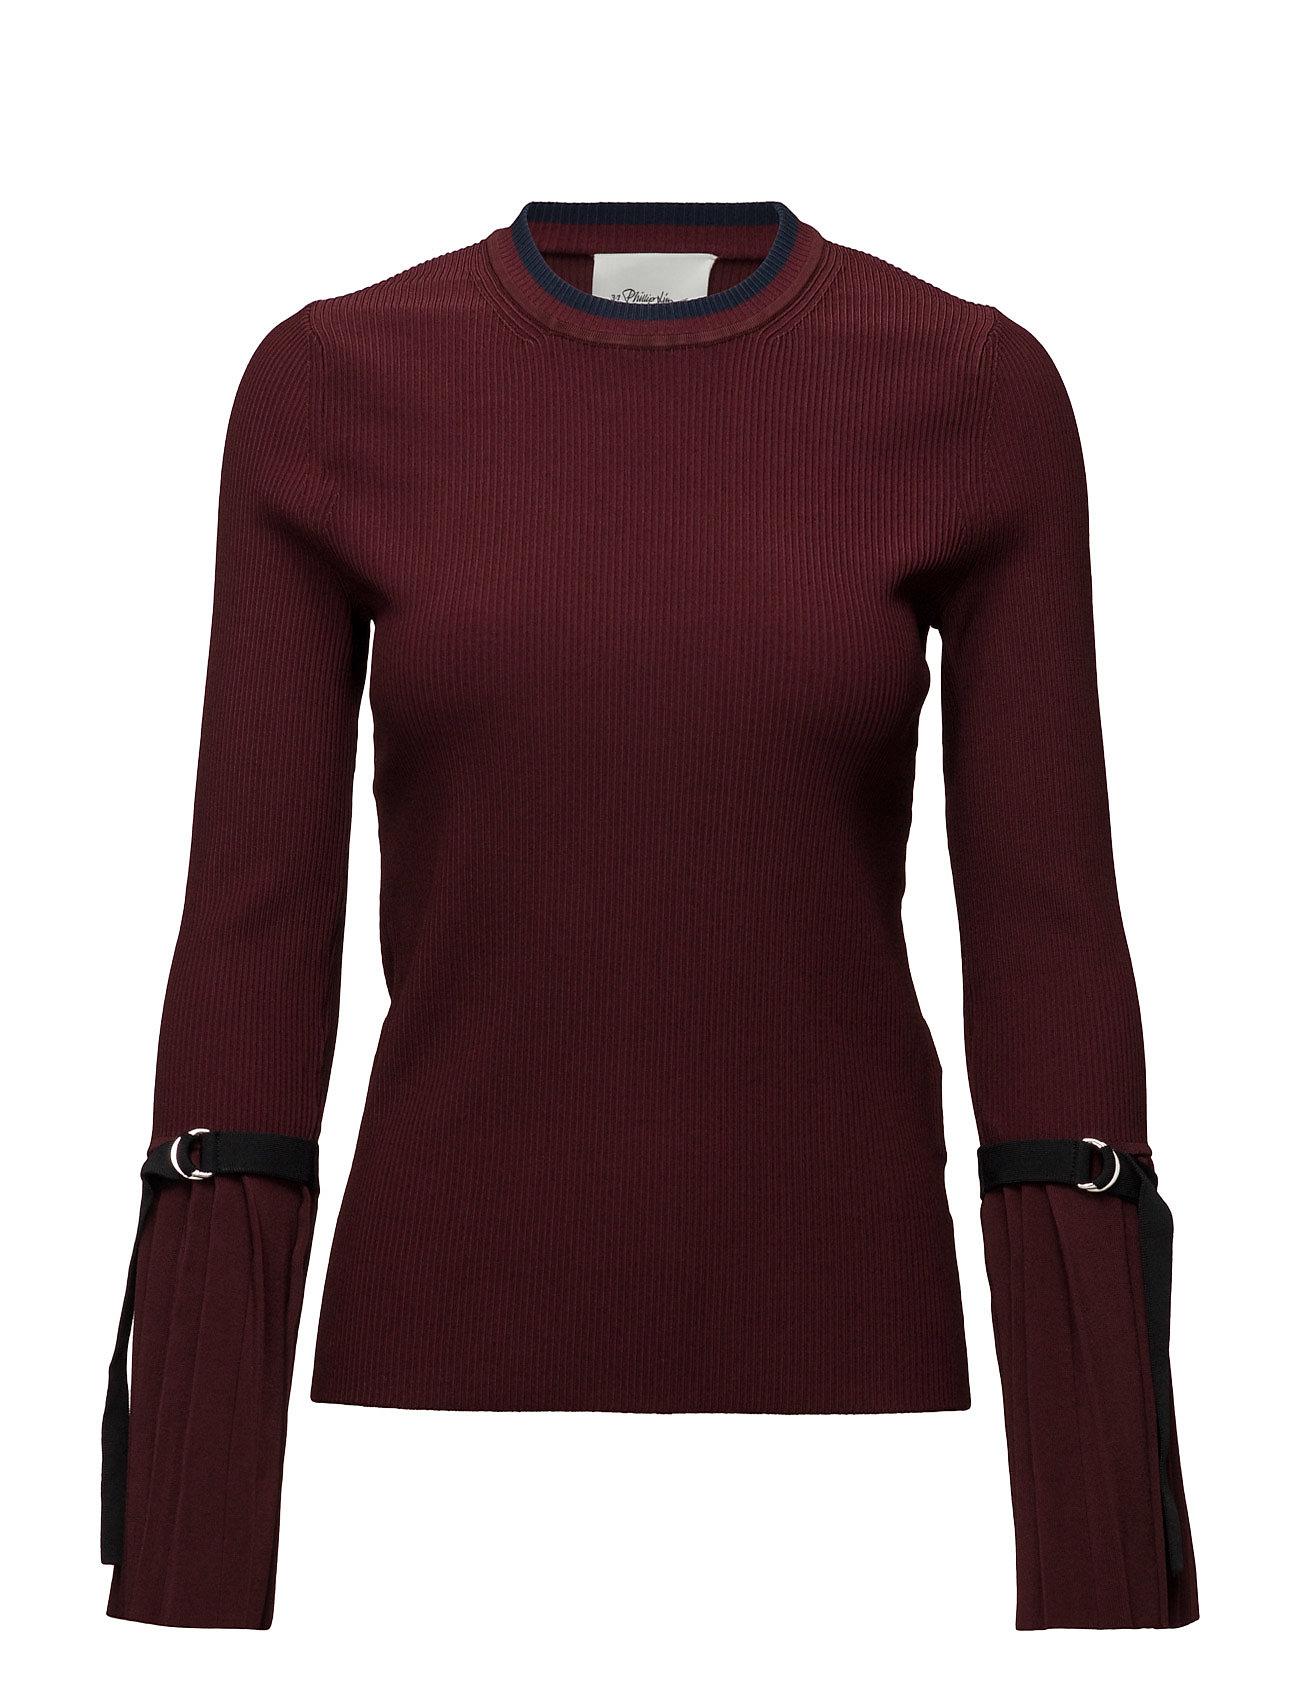 3.1 phillip lim – Ls pleated pullover på boozt.com dk